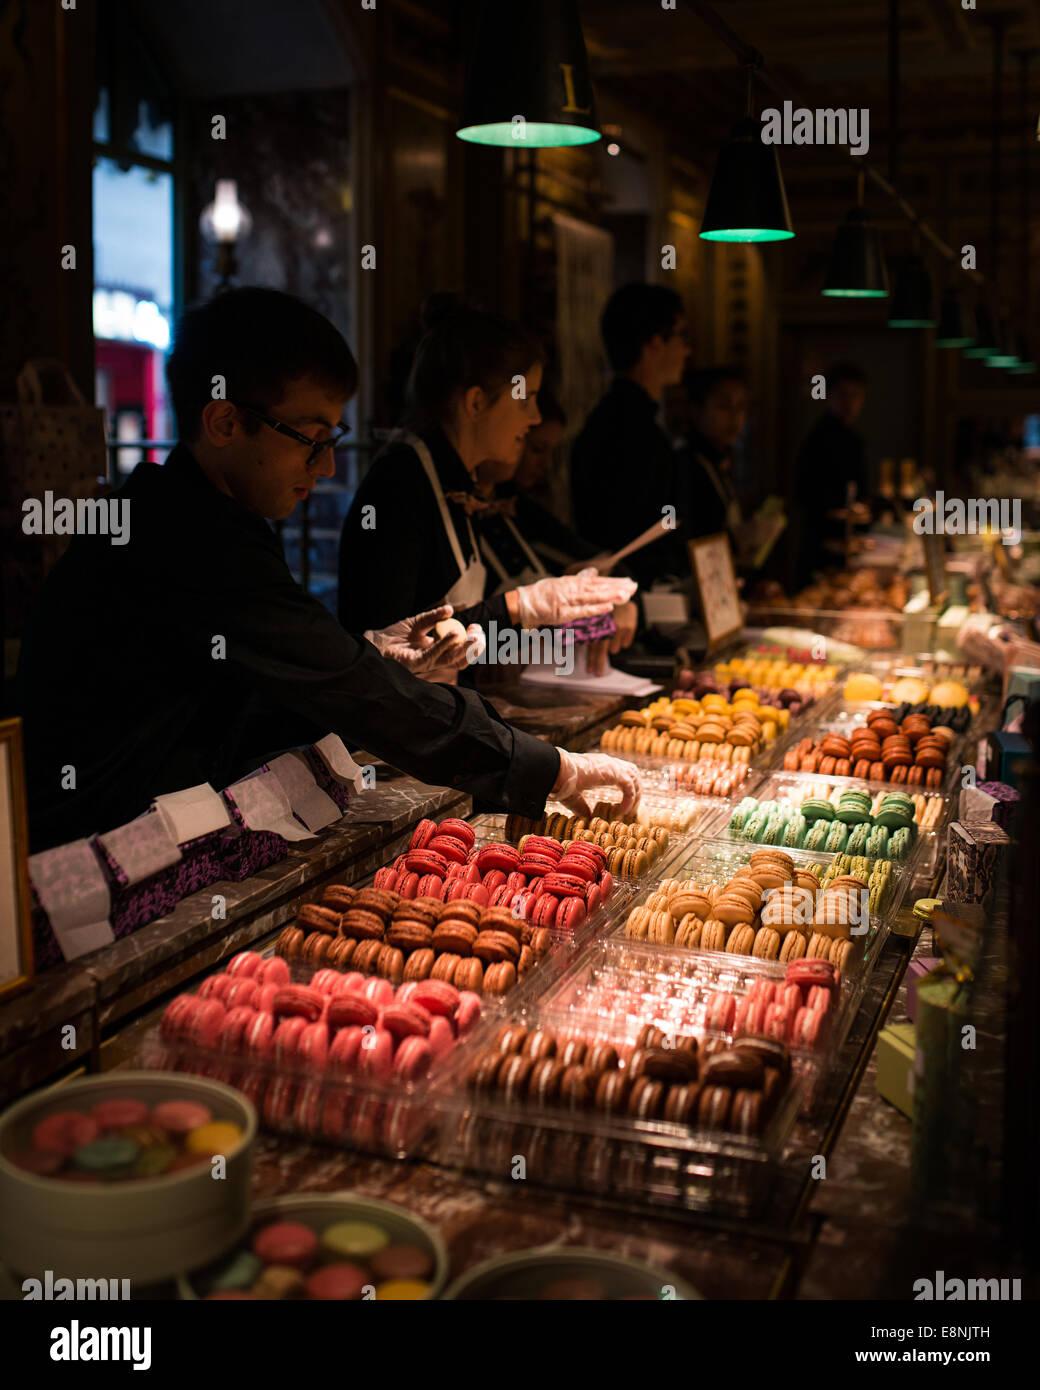 Ladurée shop front on the Champs-Élysées, Paris, France - Stock Image